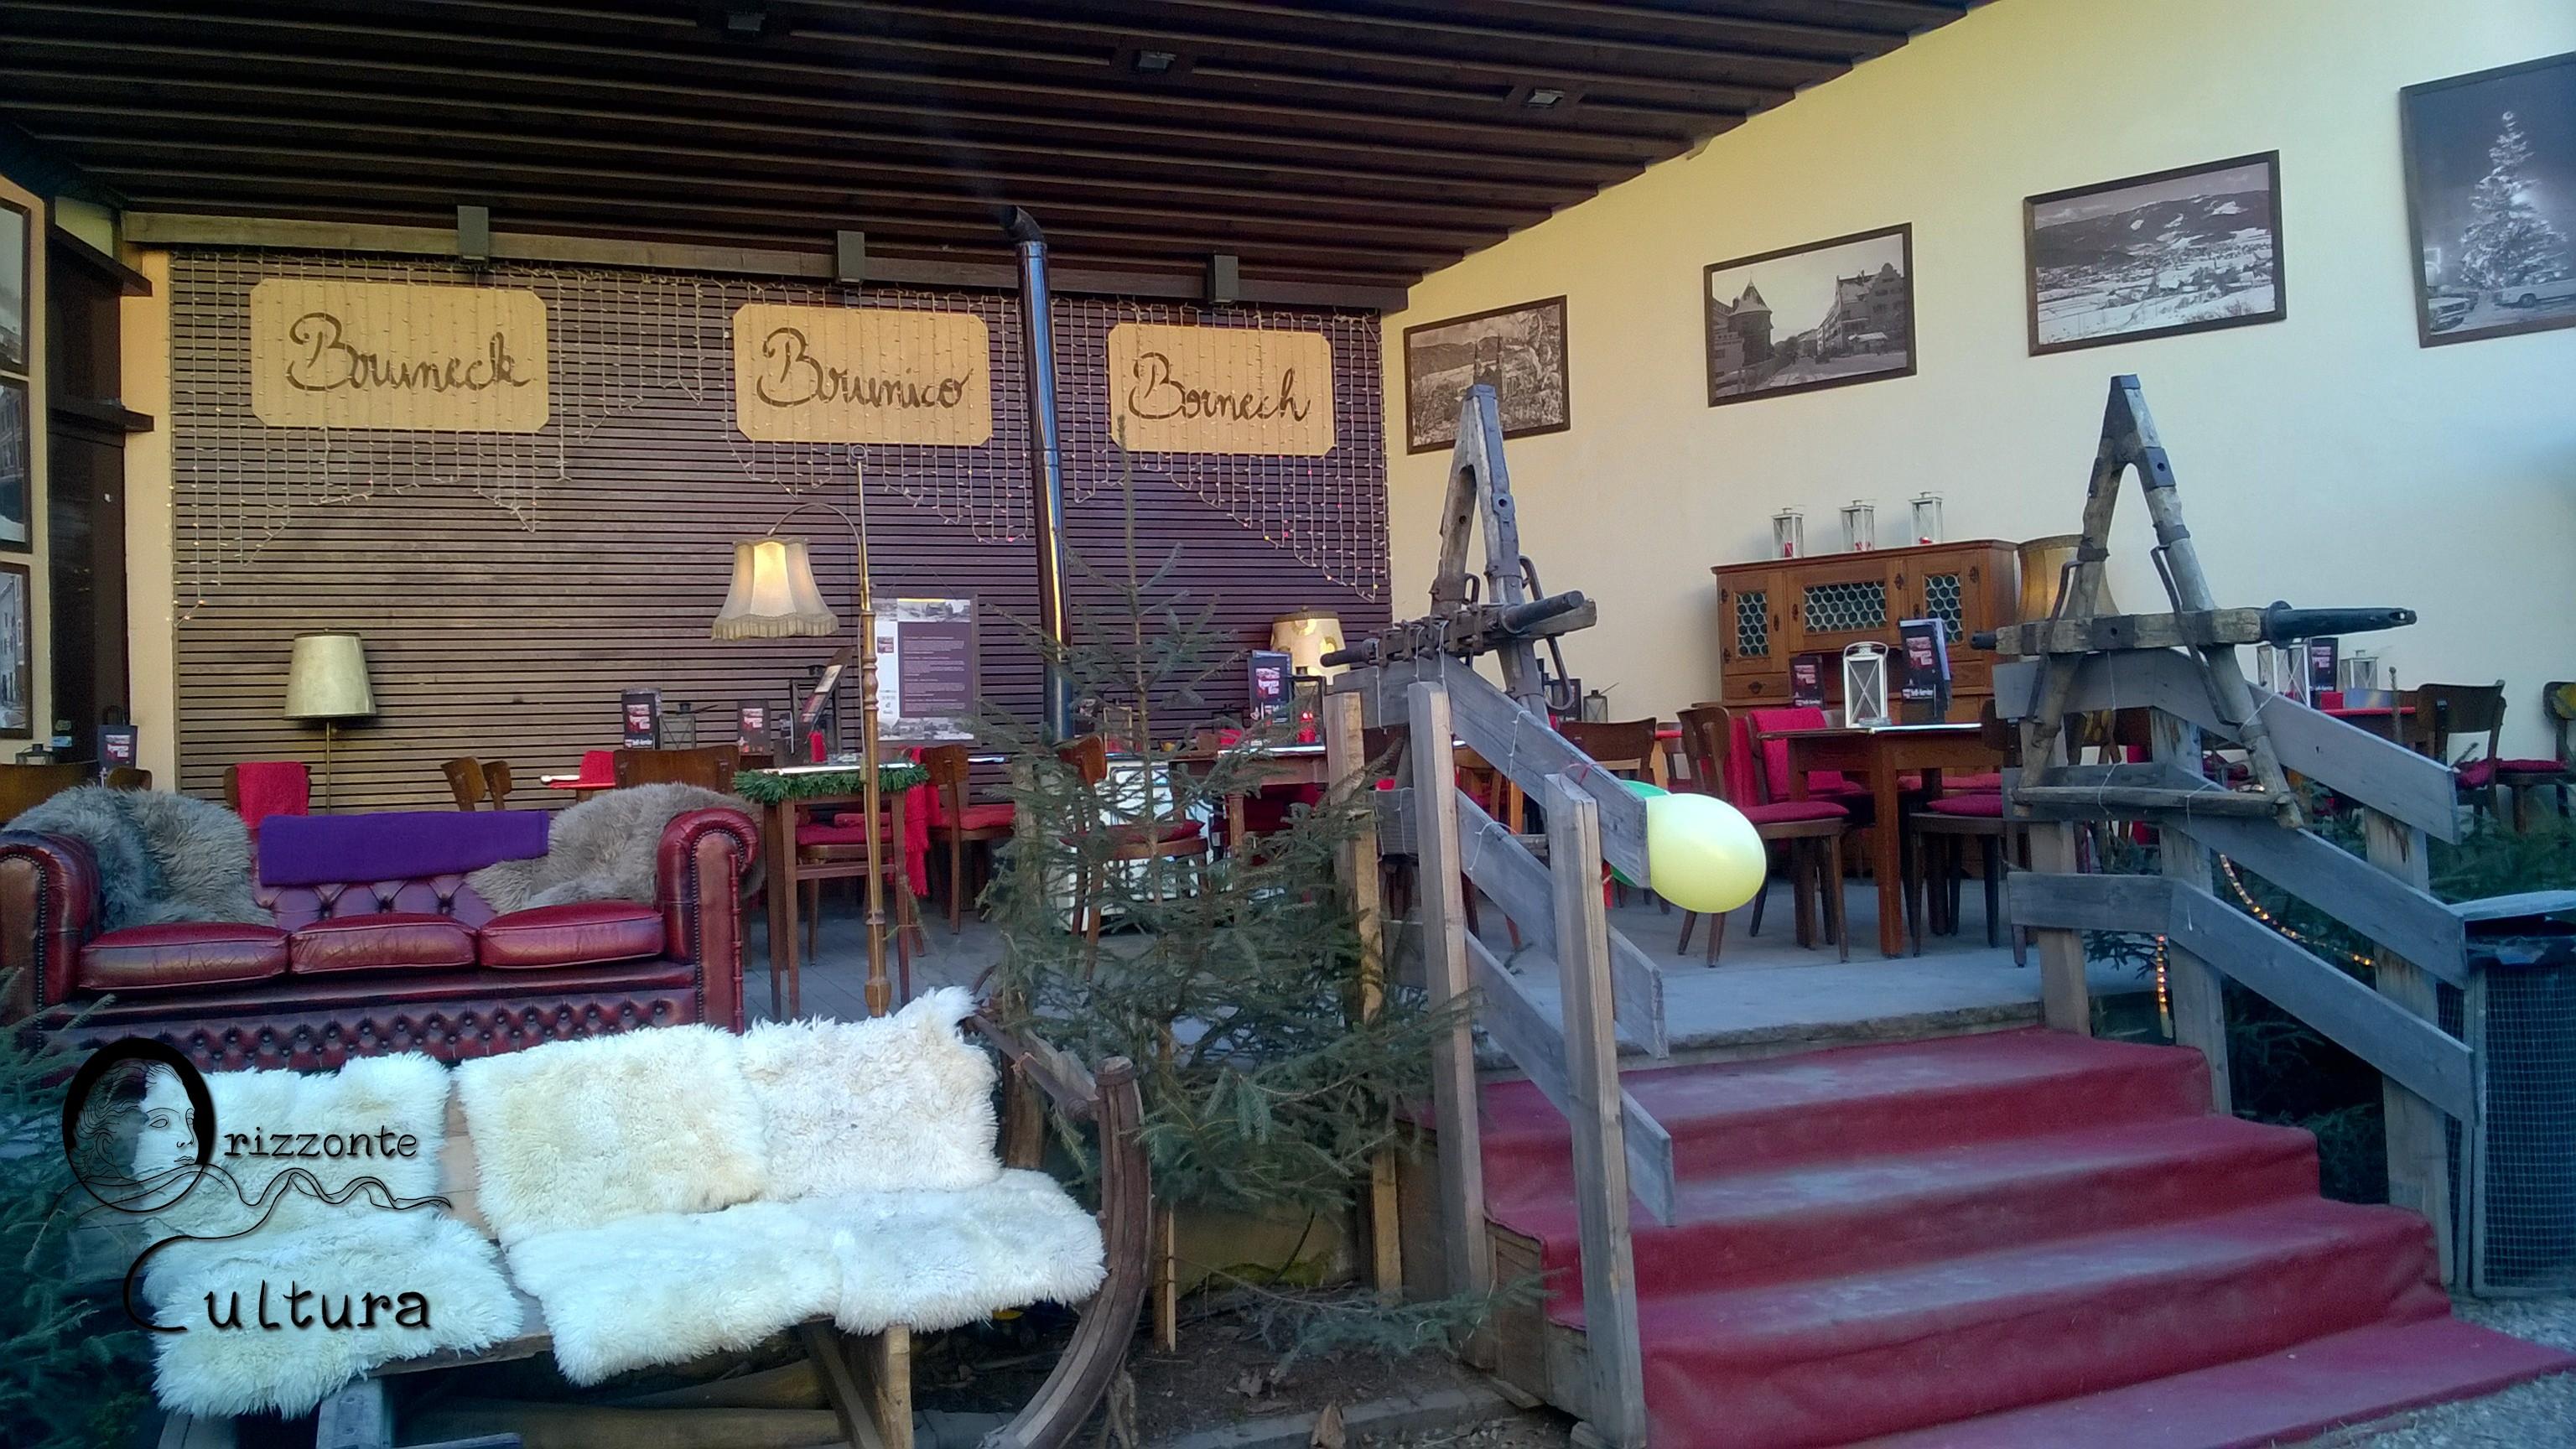 Brunico, Mercatini di Natale - Orizzonte Cultura